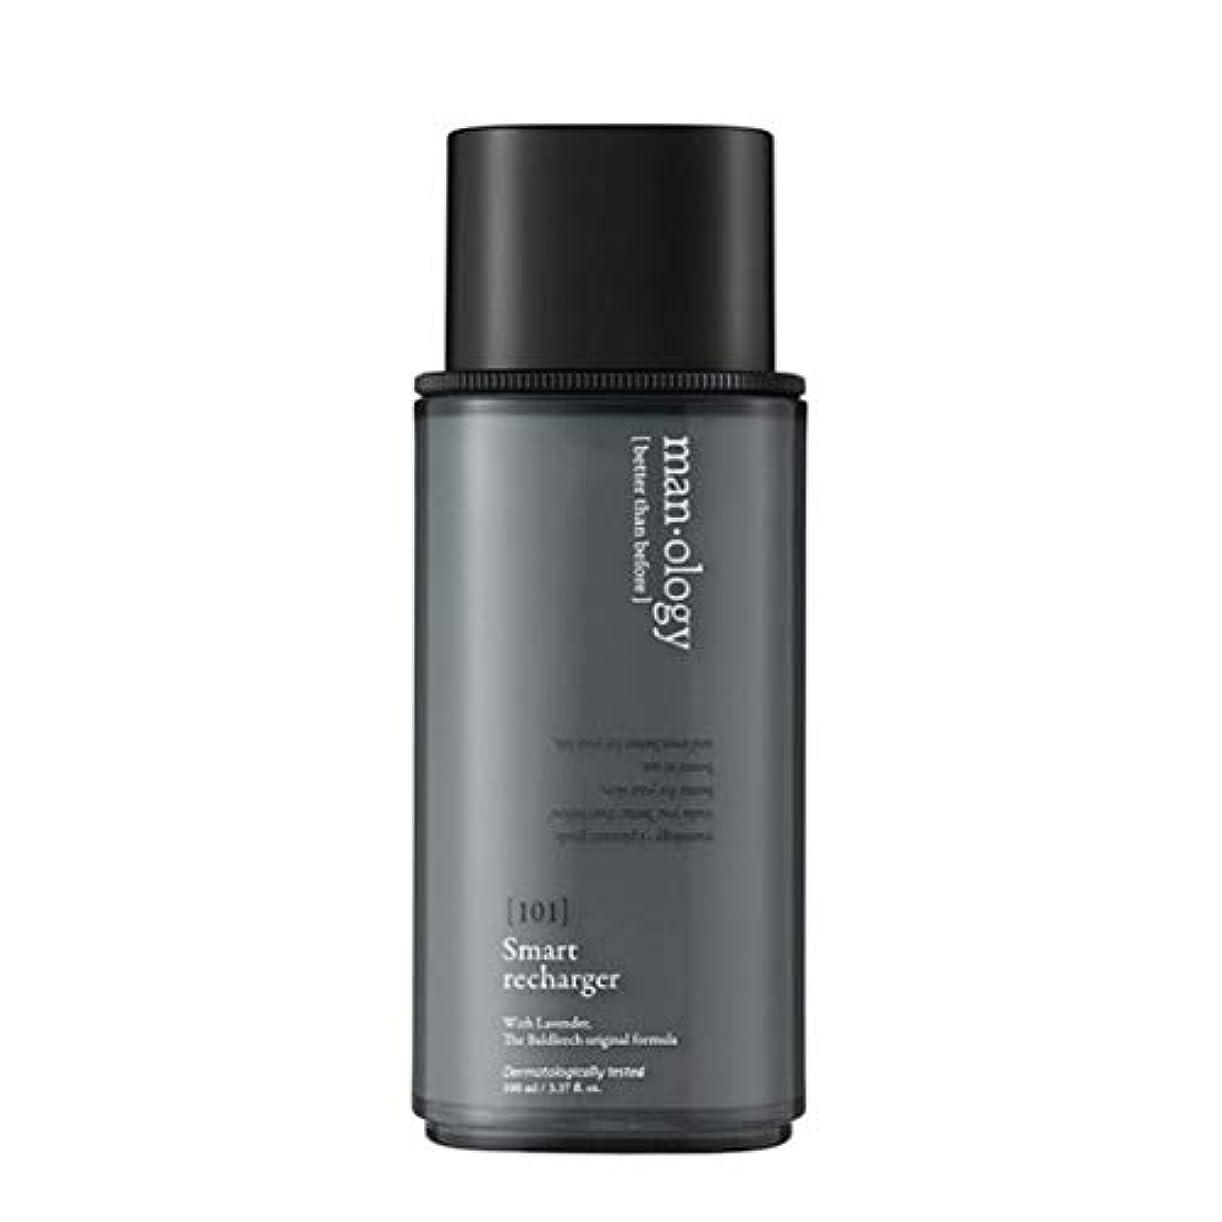 ジャンル請求書大きなスケールで見るとビリープメンオルロッジ101スマートリチャージャー100mlメンズコスメ韓国コスメ、belif Man Ology 101 Smart Recharger 100ml Men's Cosmetics Korean Cosmetics...